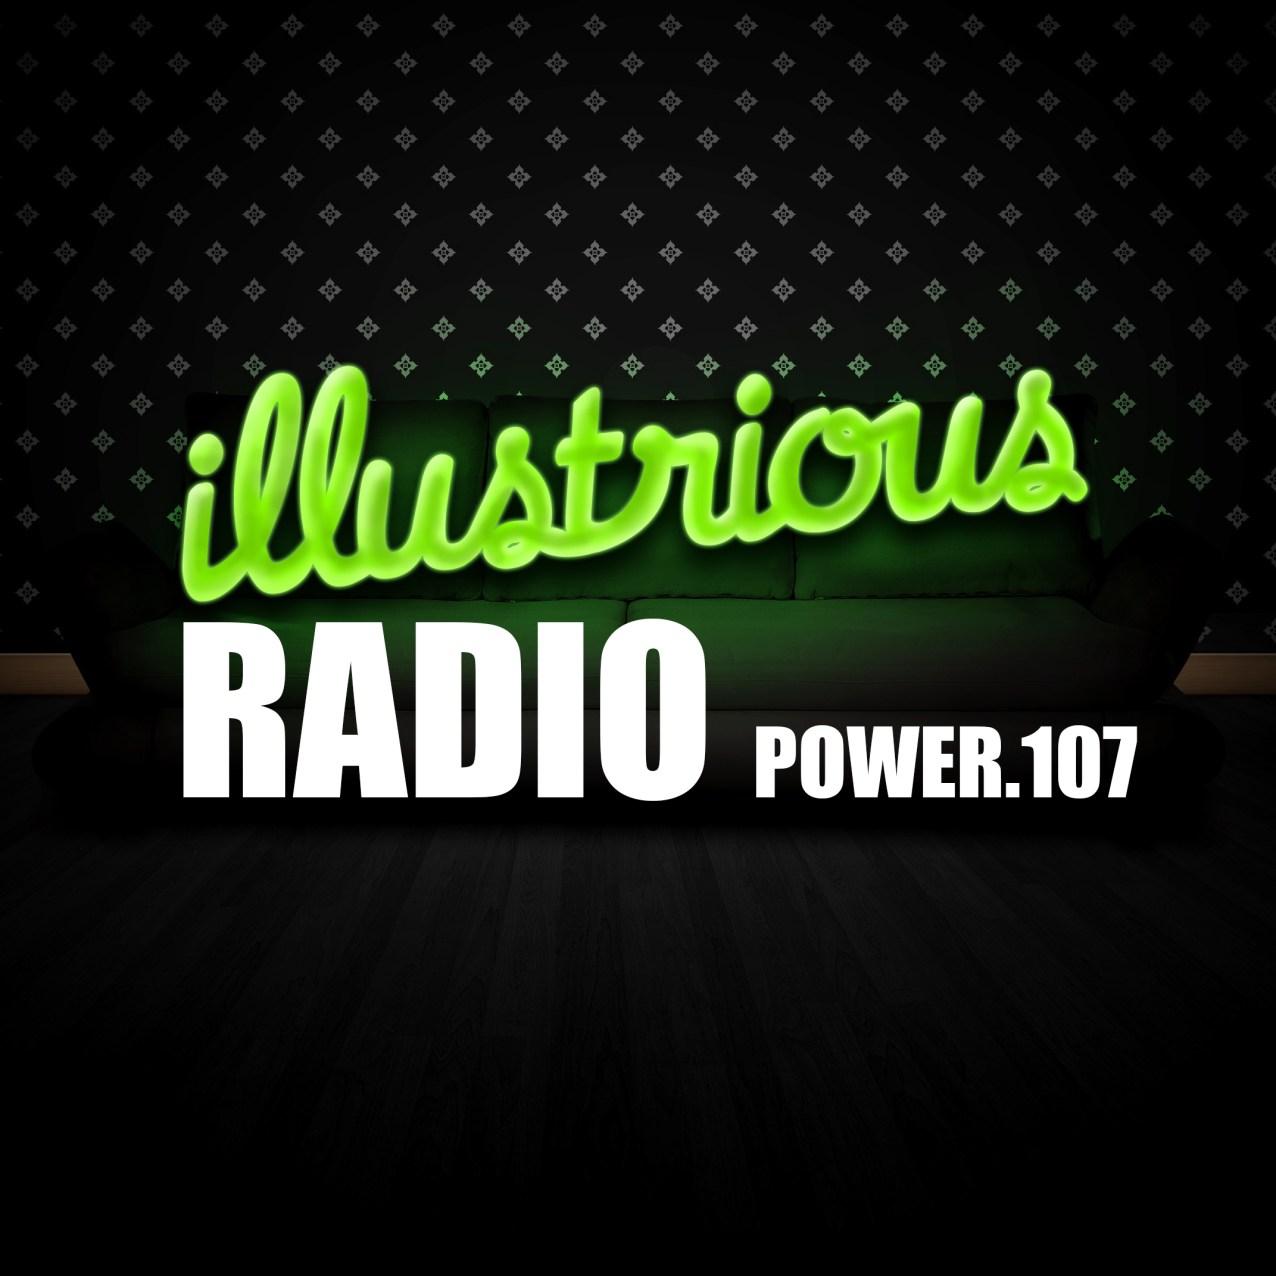 ILLUSTRIOUS RADIO